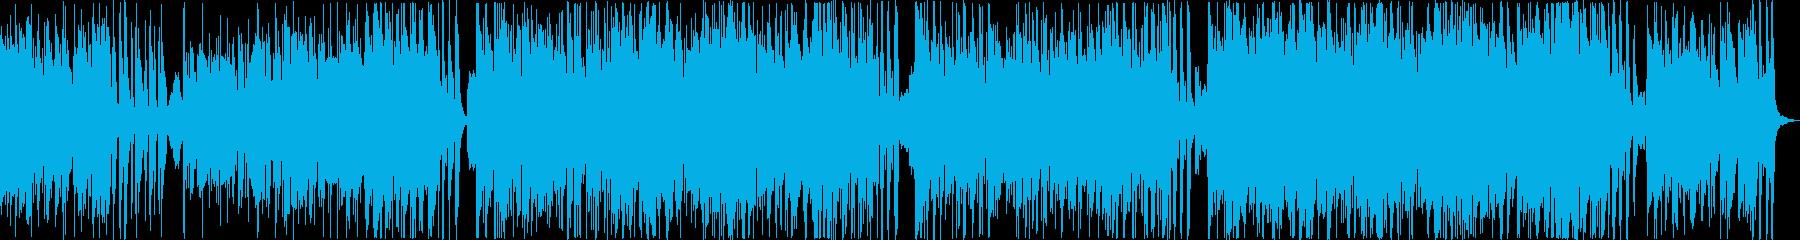 悲しく切ないスリリングなフルート曲の再生済みの波形